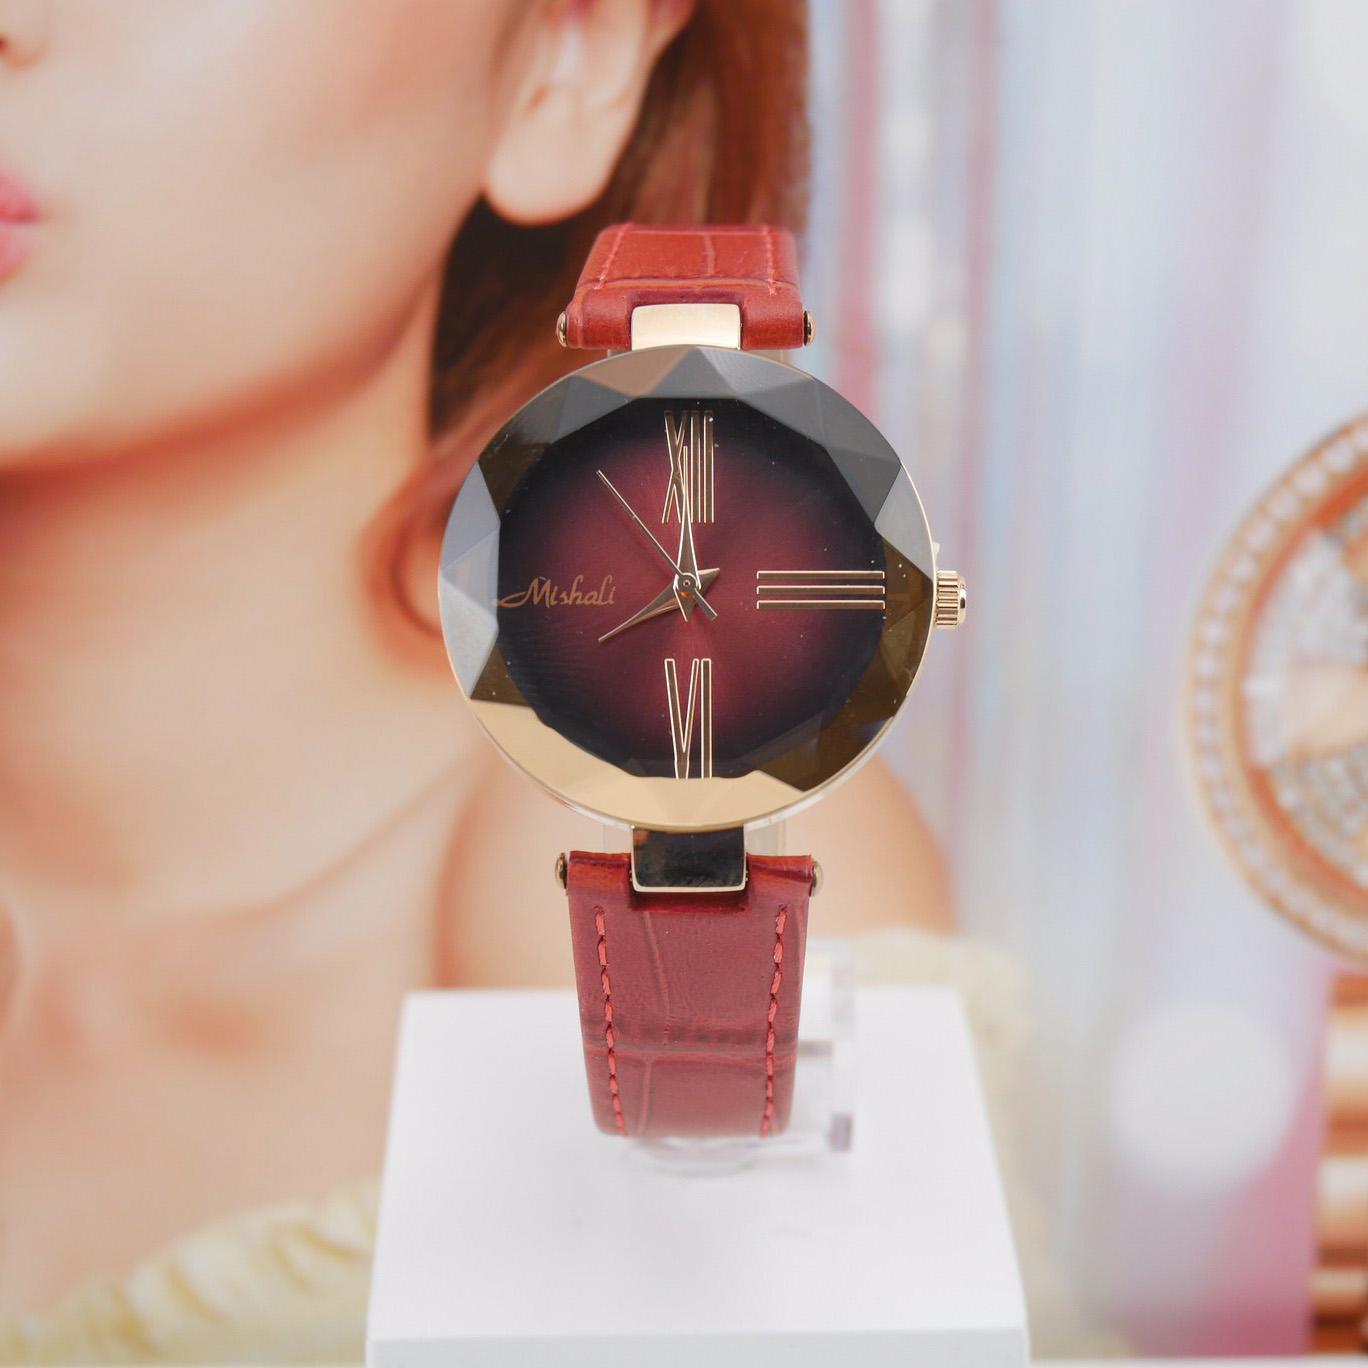 นาฬิกาข้อมือผู้หญิง MISHALI M18037L F